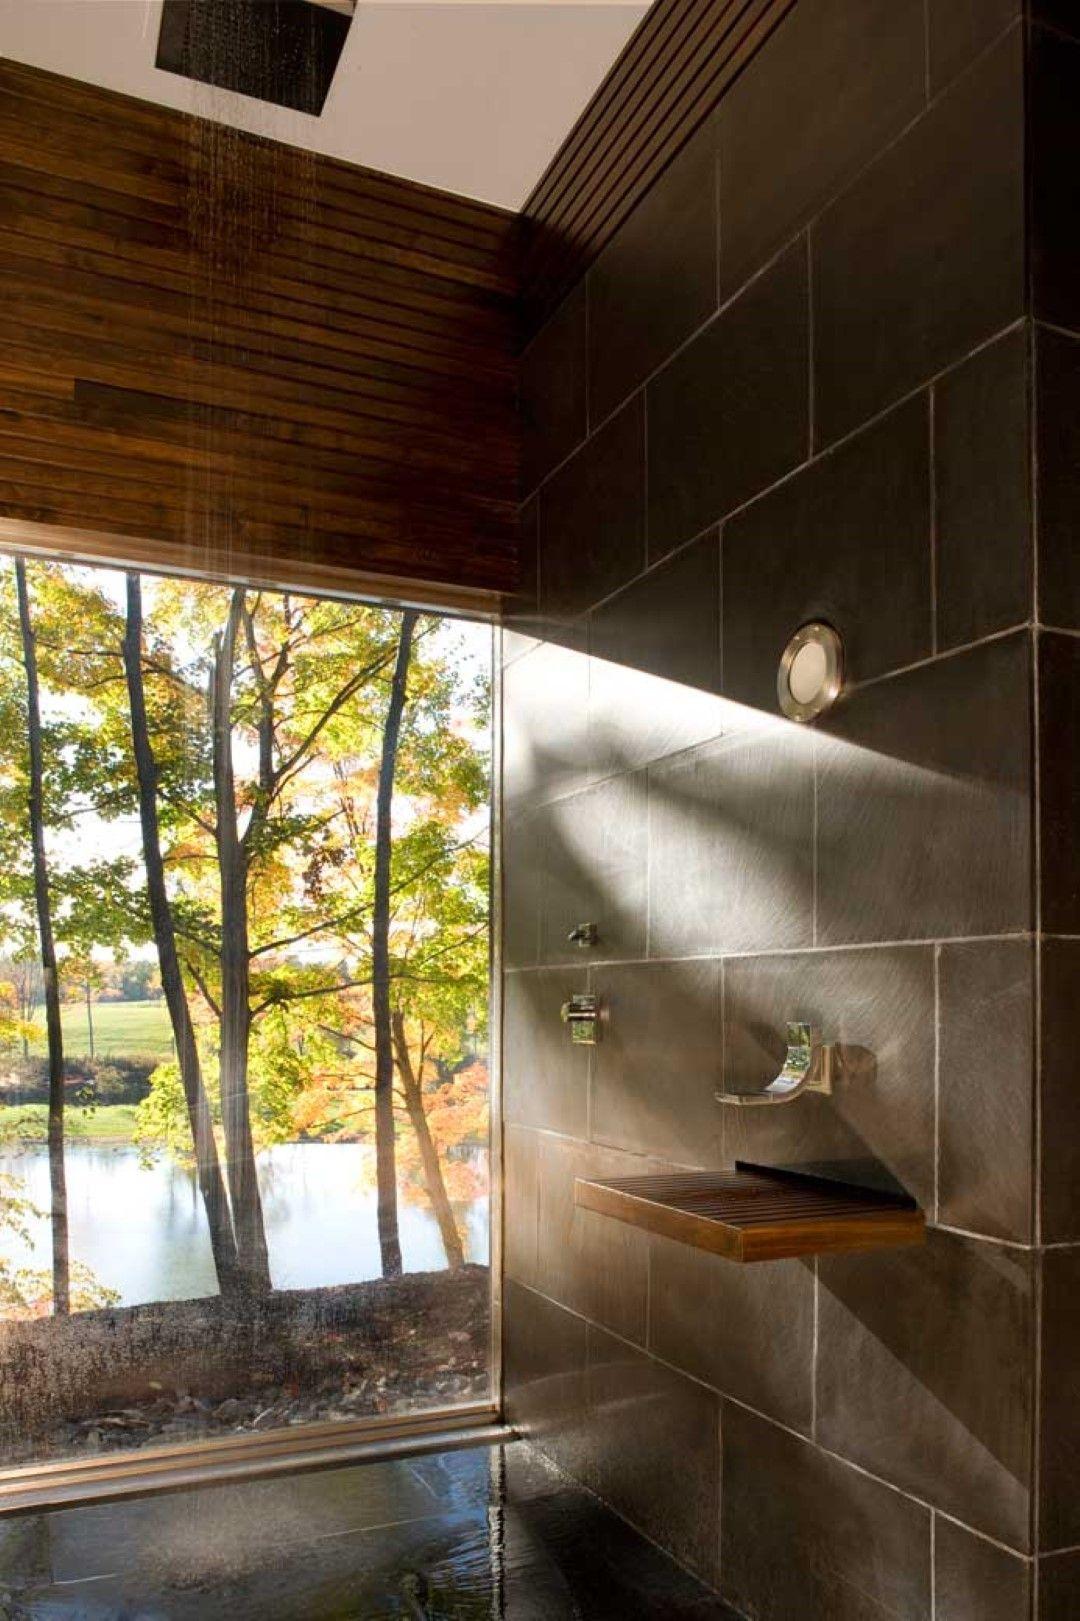 Quadrat Duschkopf Klares Glas Fenster, Benutzerdefinierte